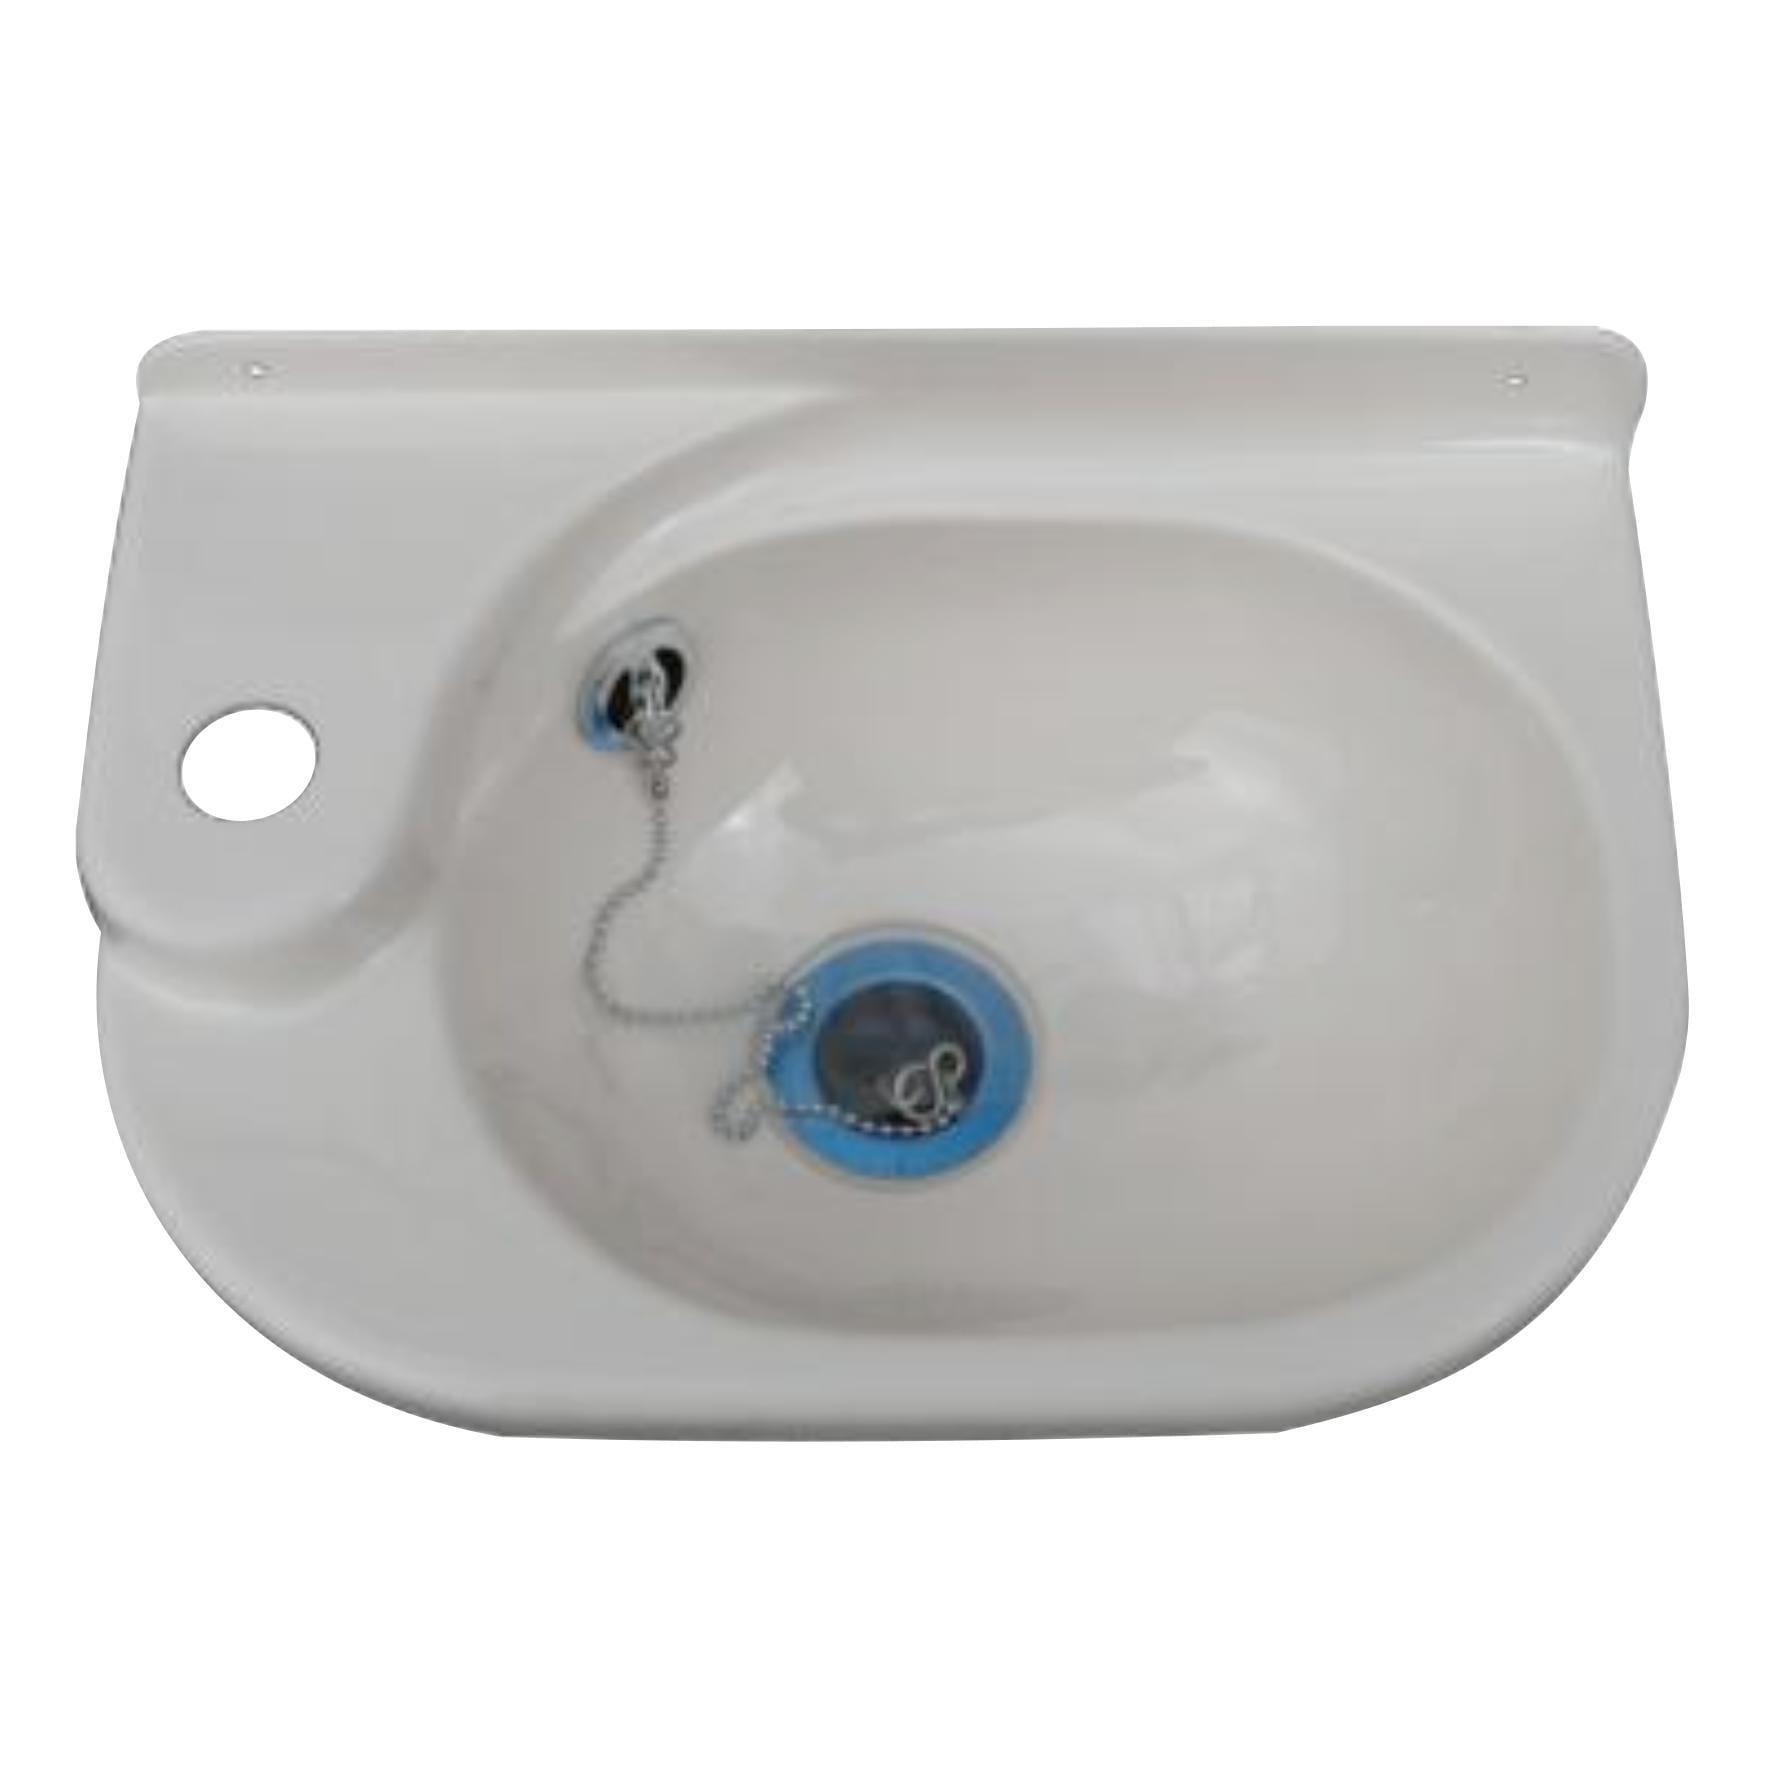 Petit lavabo plastique k248 w pièce détachée anglaise zen mobil homes